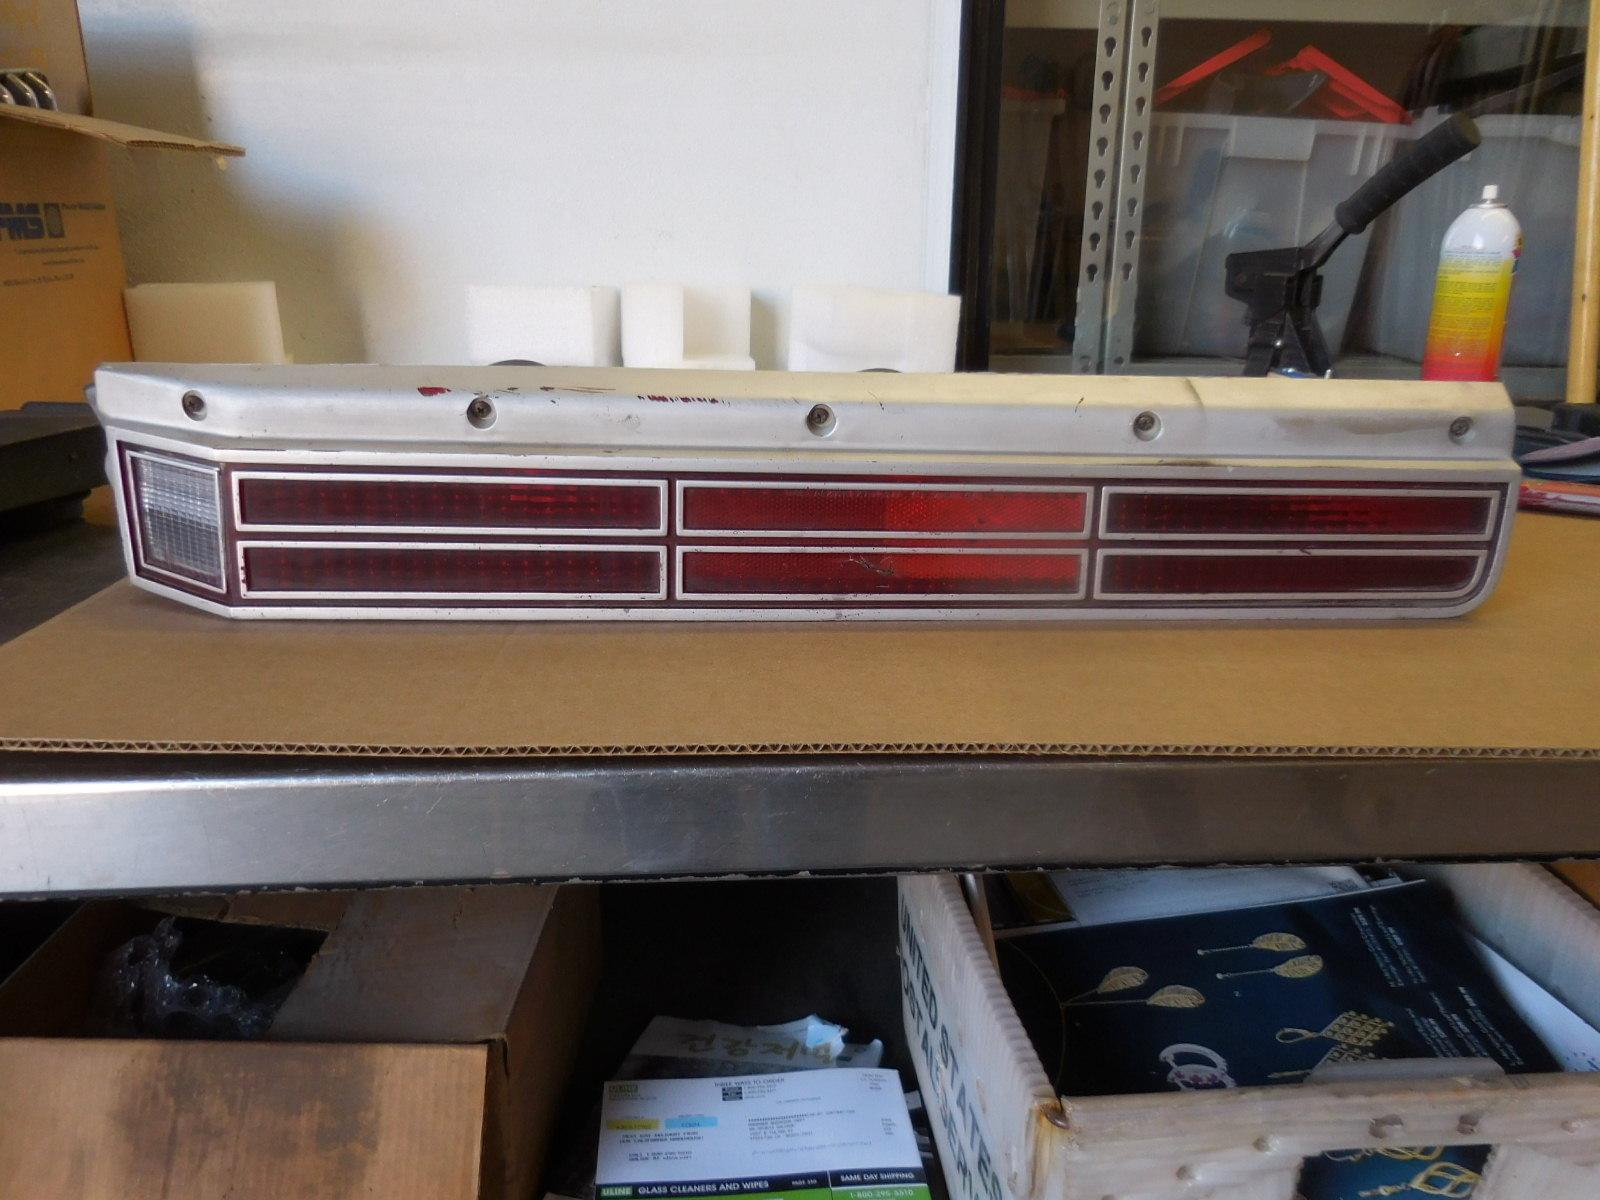 1974 1975 Regal 2 Door / 1976 1977 Regal 4 Door - 1974-1977 Century Left Right Tail Light